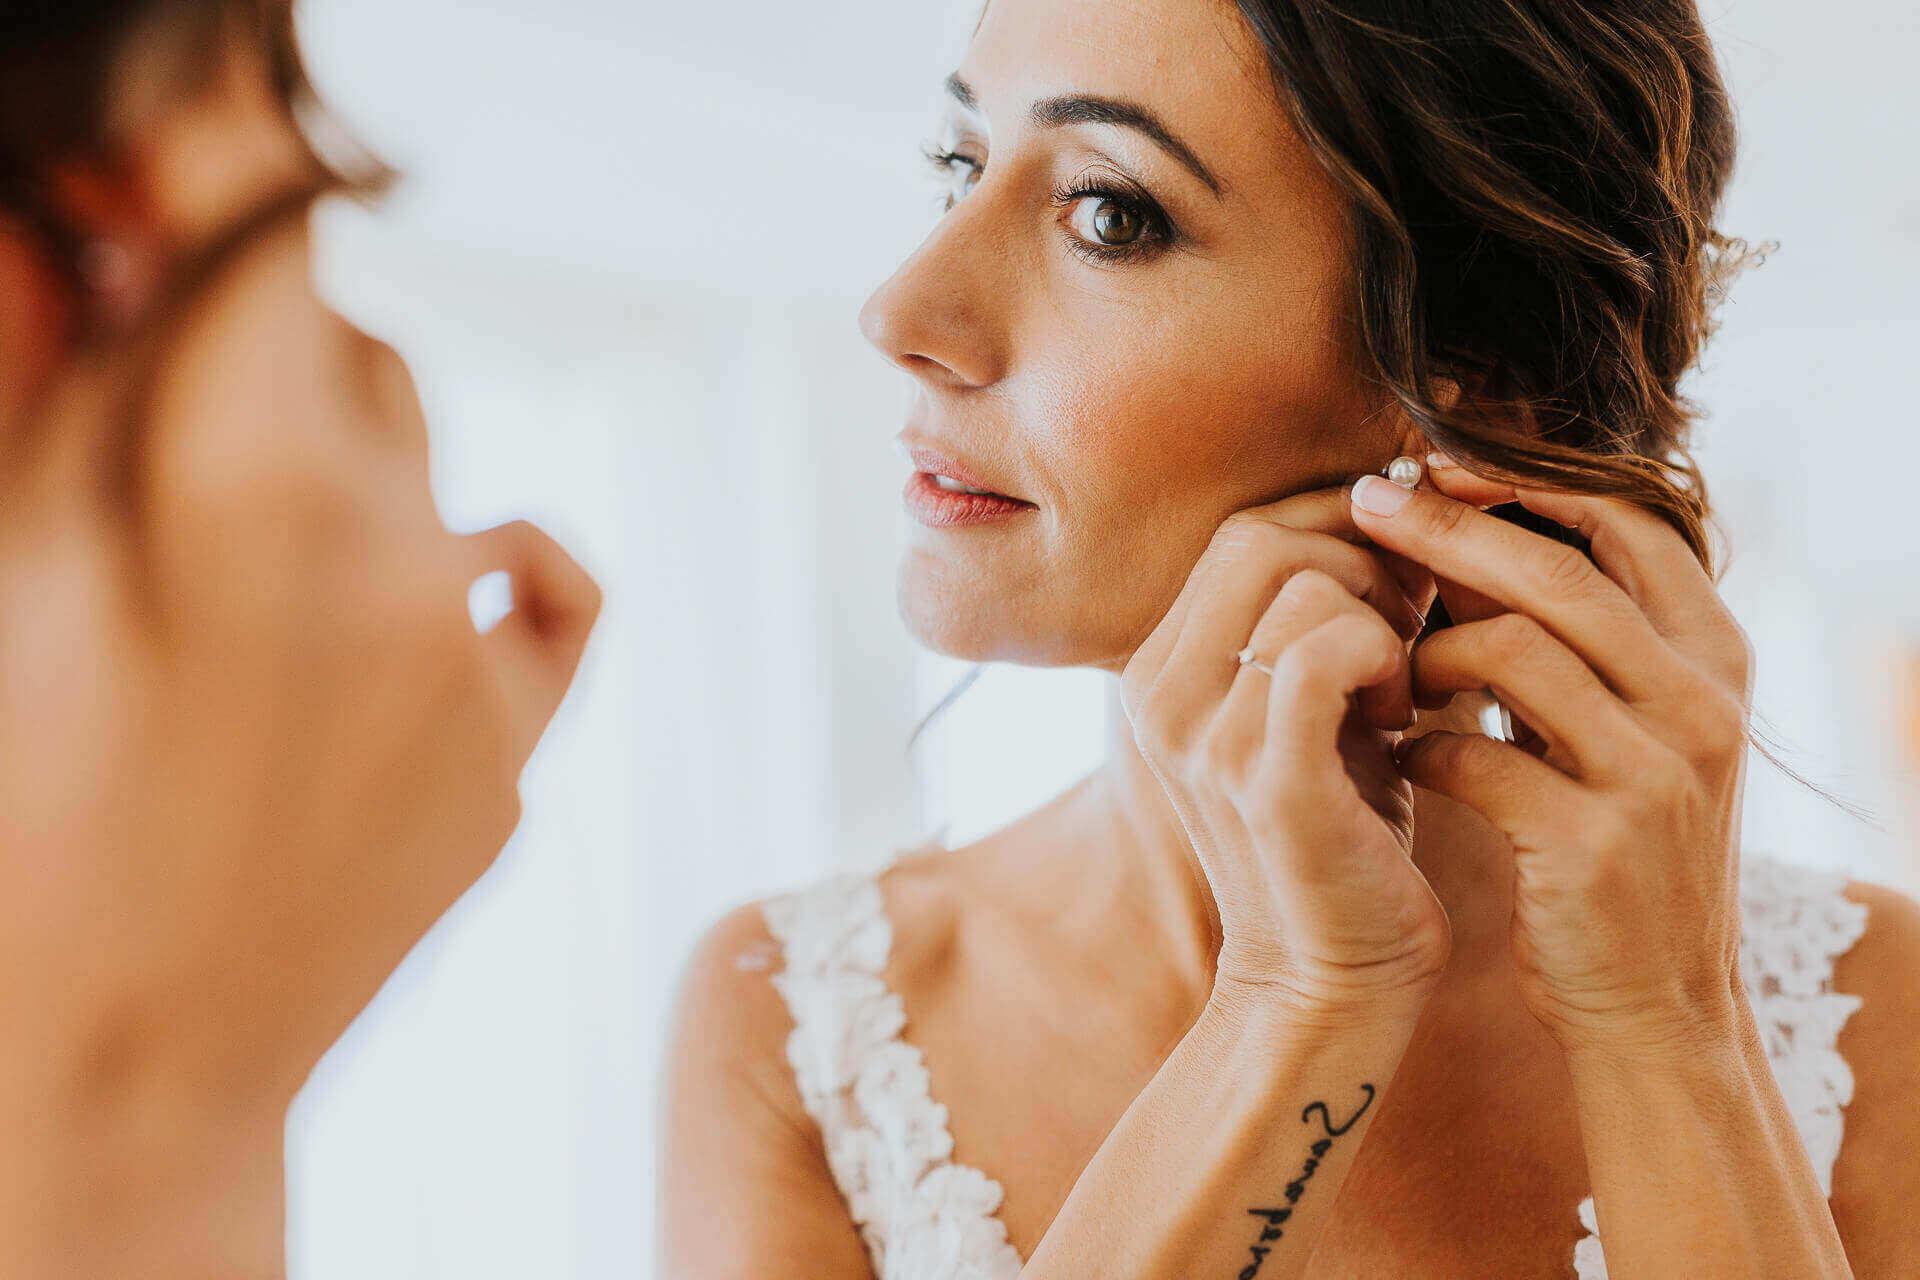 ¿Cómo posar en una boda? Te damos 7 consejos básicos